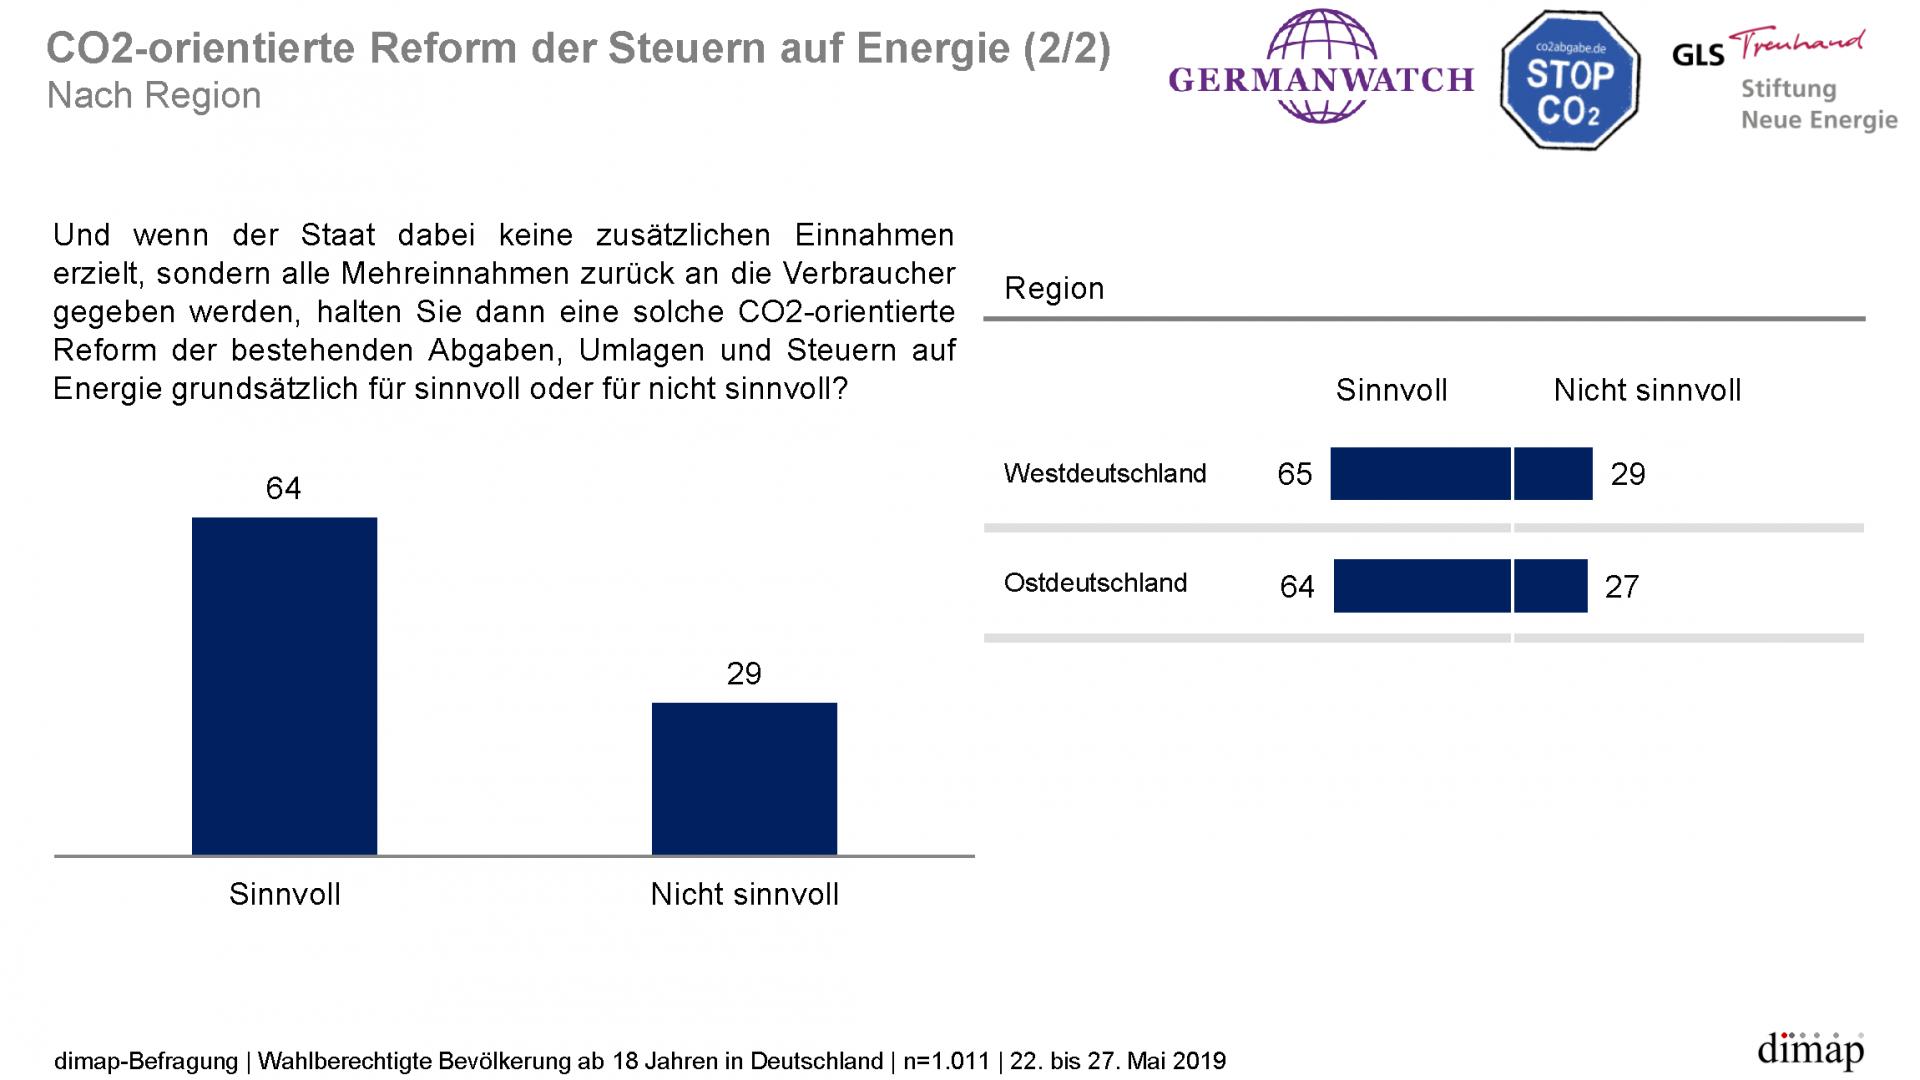 """""""Meinungen zum Klimaschutz"""" - Repräsentative dimap-Umfrage (22. bis 27. Mai 2019) im Auftrag von Germanwatch, Stiftung Neue Energie und CO2 Abgabe e.V., Ergebnisgrafik 14 von 14"""